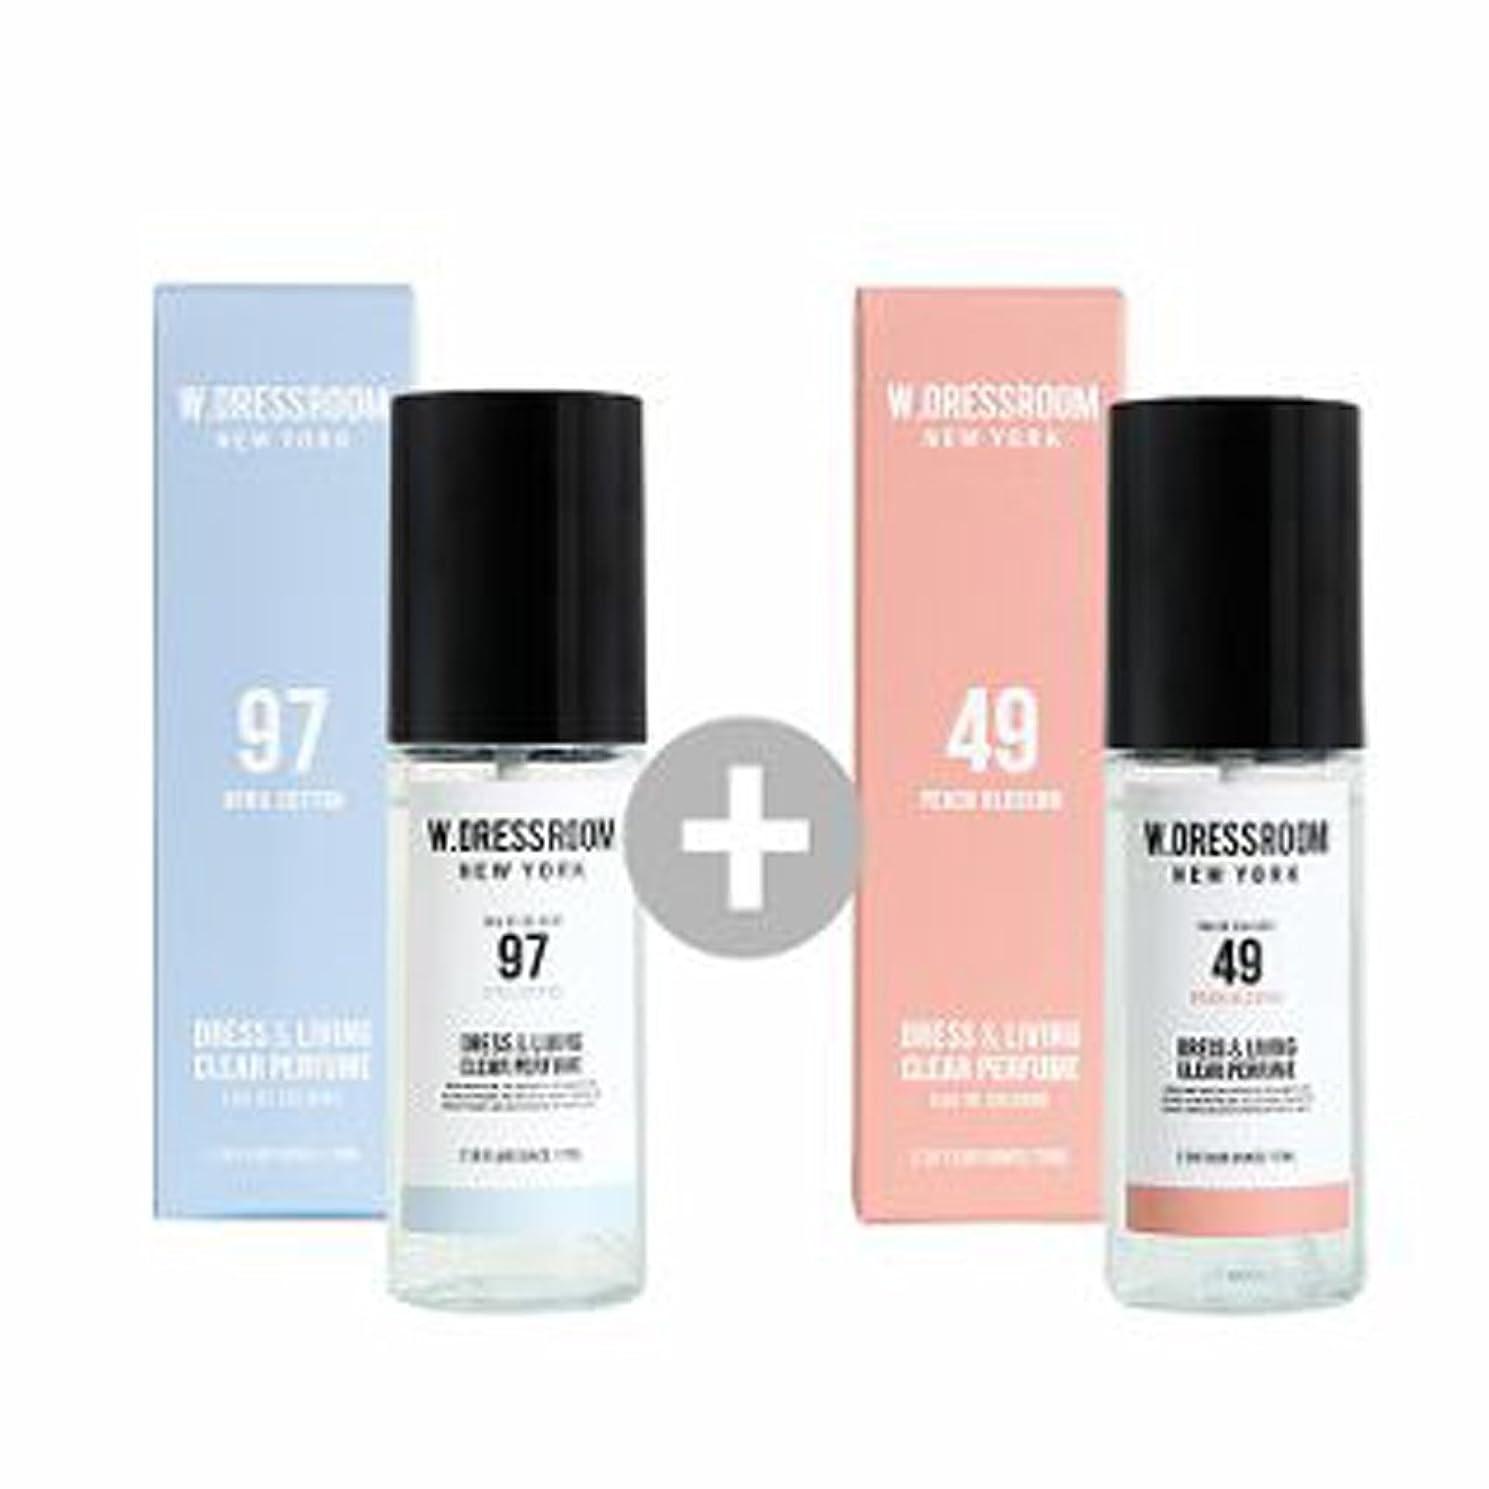 マキシムタッチアナニバーW.DRESSROOM Dress & Living Clear Perfume 70ml(No 97 April Cotton)+(No 49 Peach Blossom)